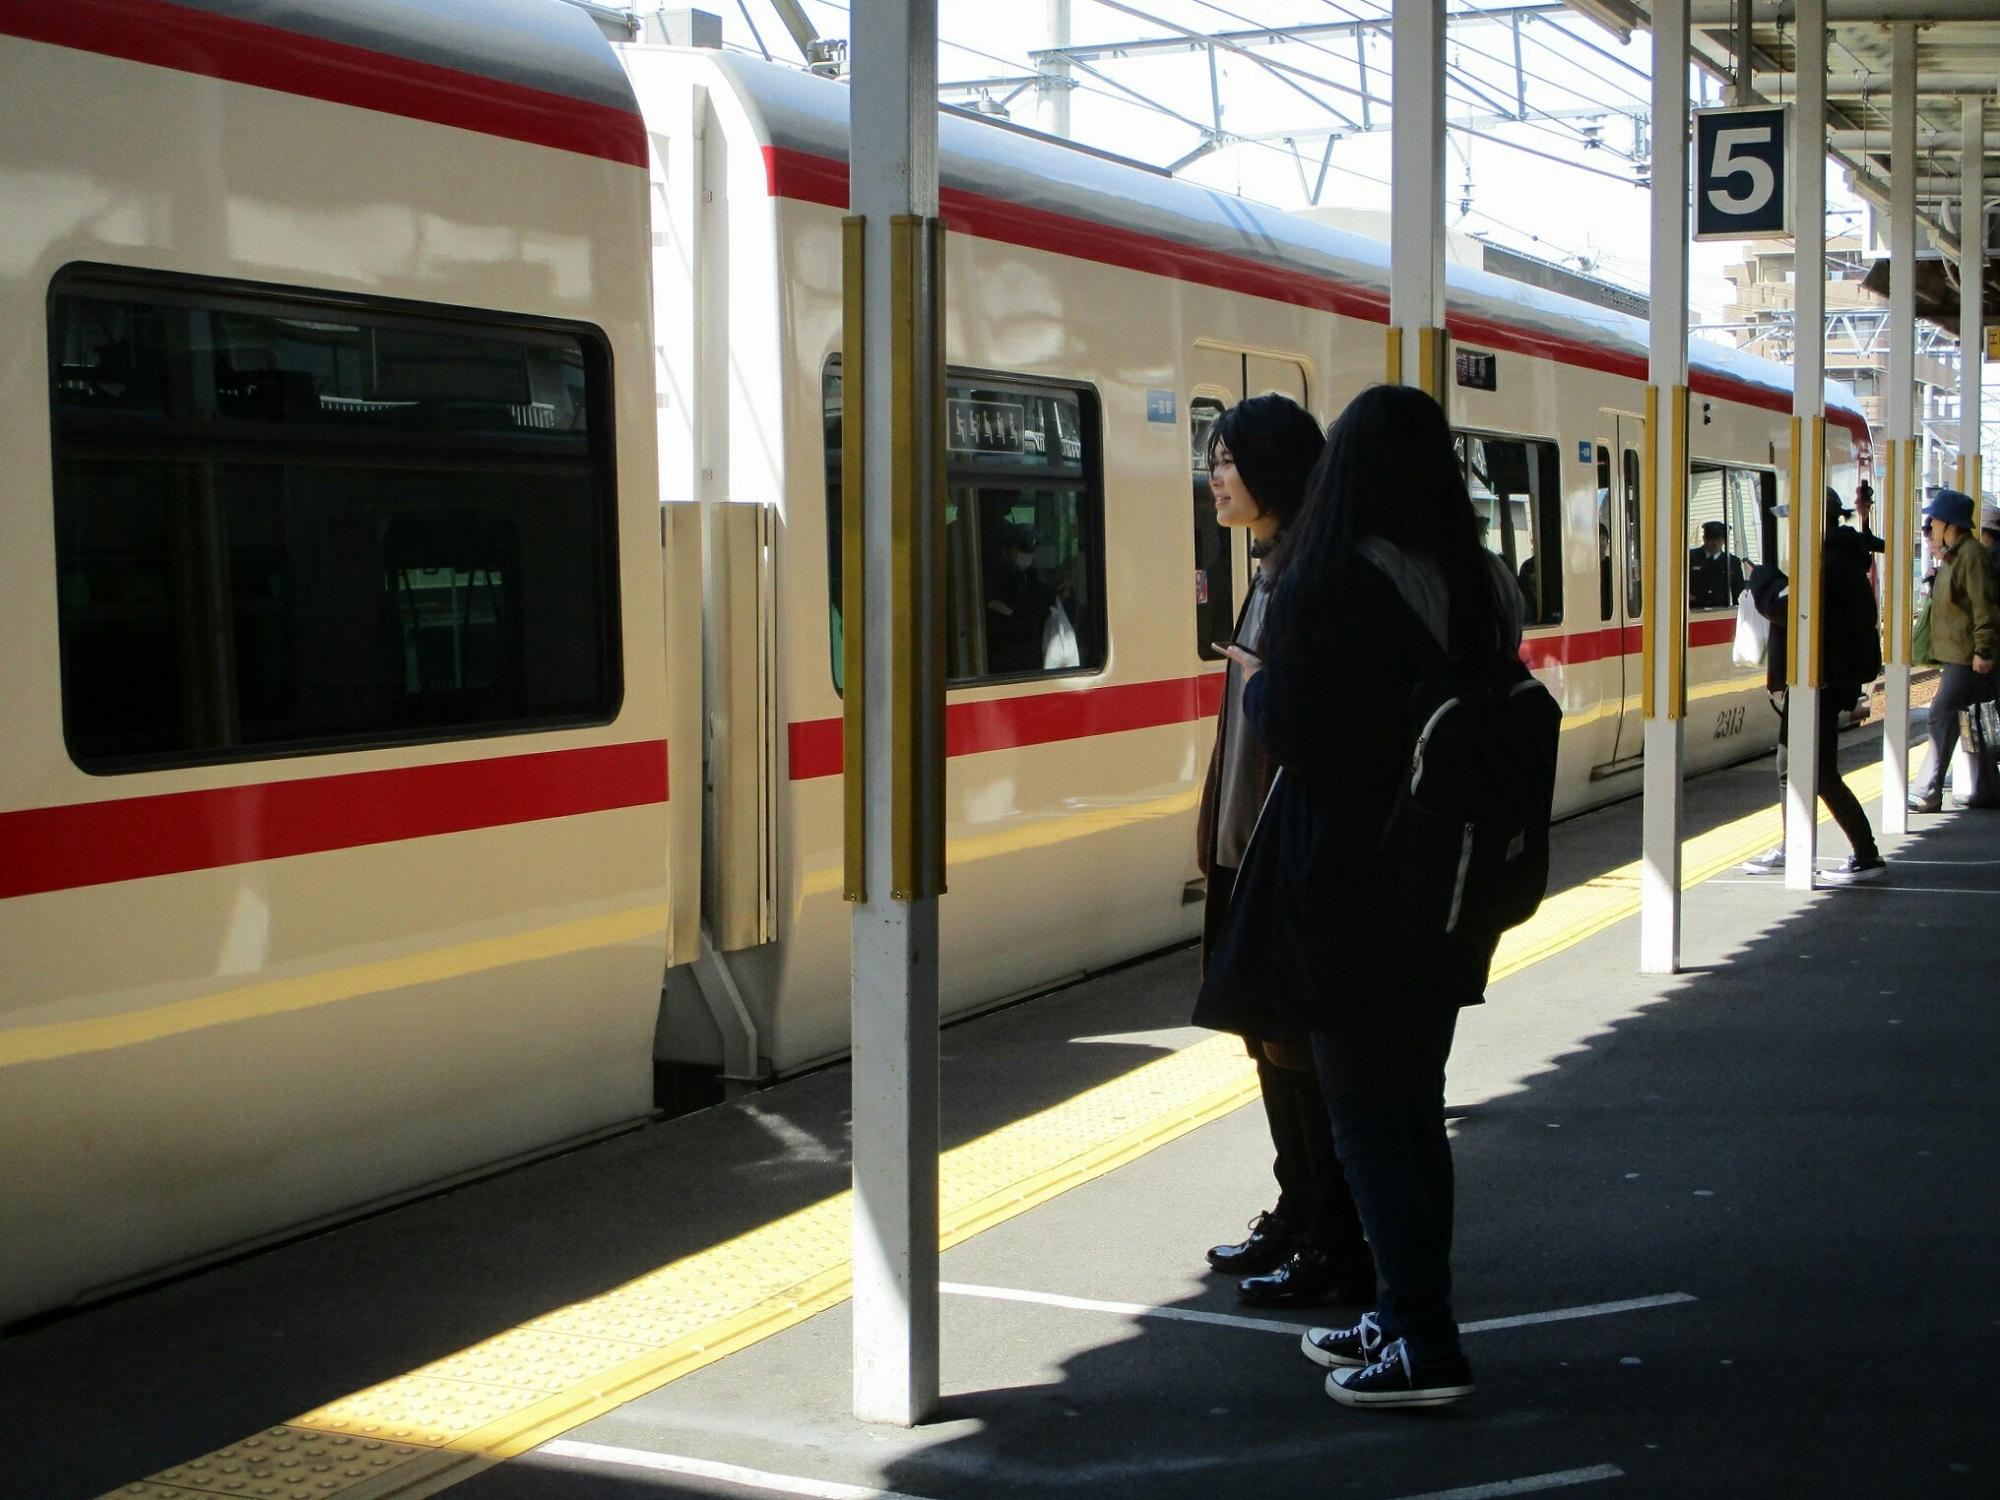 2019.4.3 (4) しんあんじょう - 豊橋いき特急 2000-1500